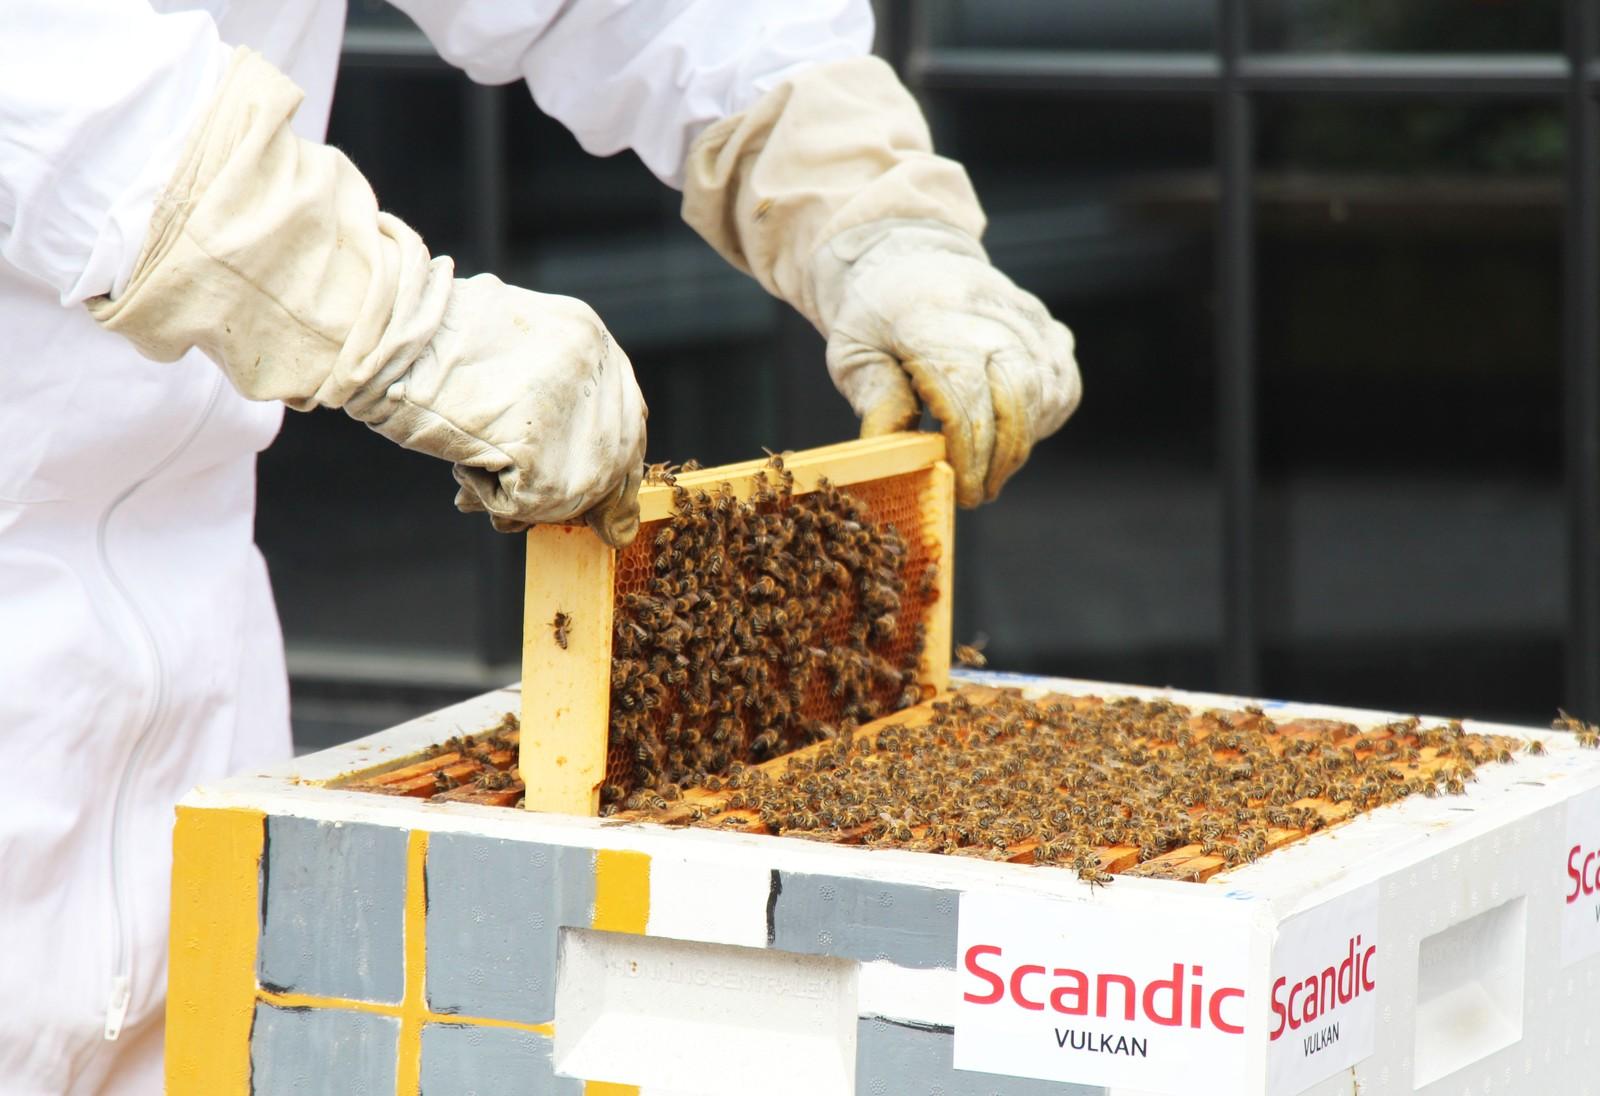 Bie-fun-fact fra leksikonet: Noen bier bygger reir i kolonier, og her sees ofte begynnende trekk til ekte sosial atferd ved at hunnene utøver felles forsvar mot fiender eller at de har felles reiråpning (men separate reir).